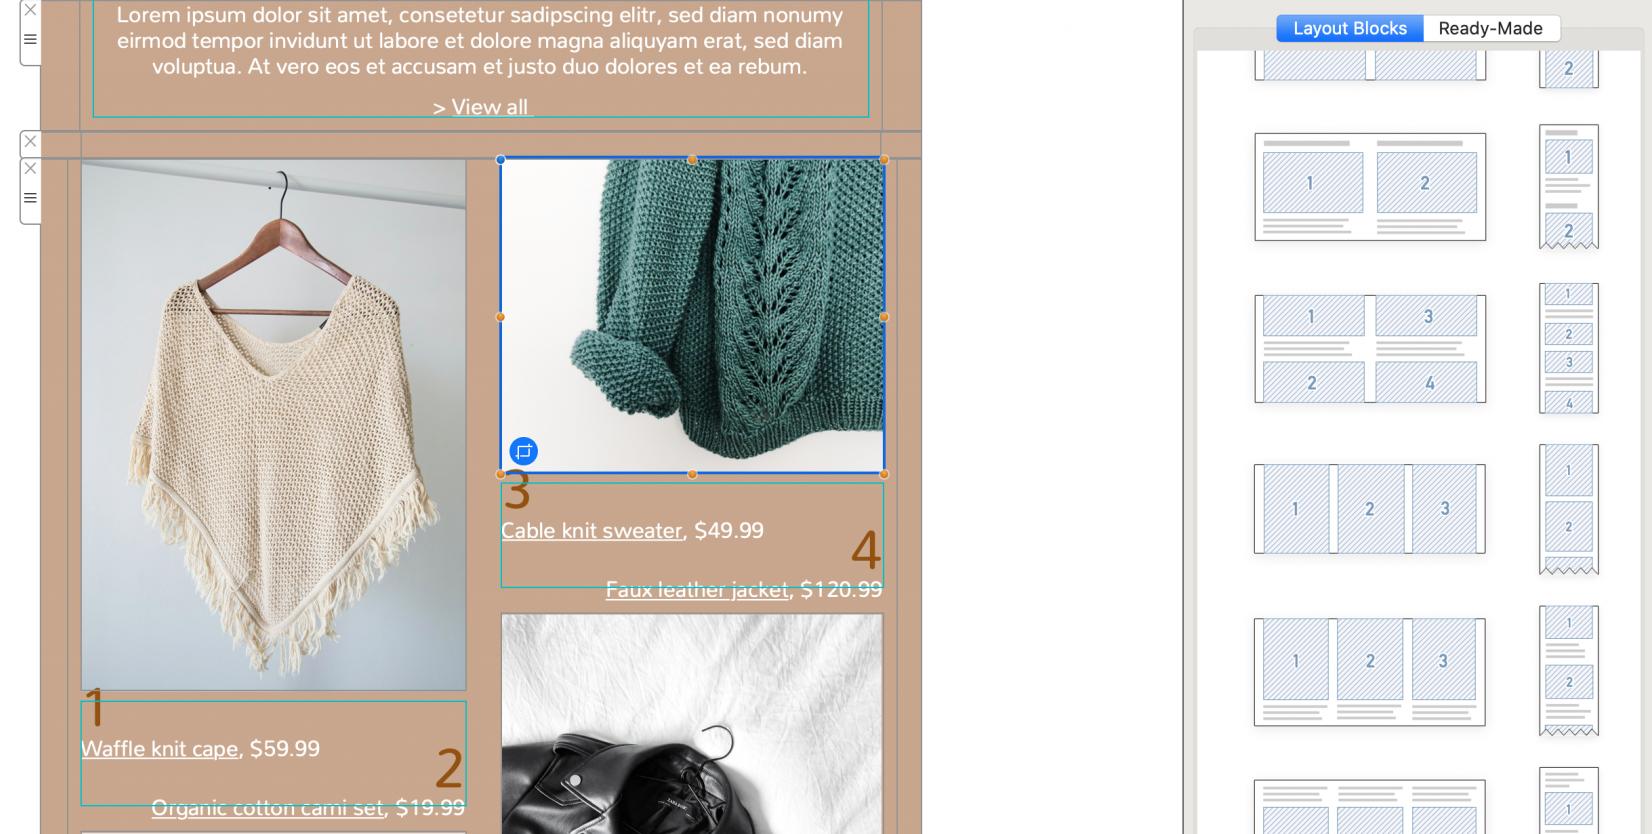 sales layout in mail designer 365